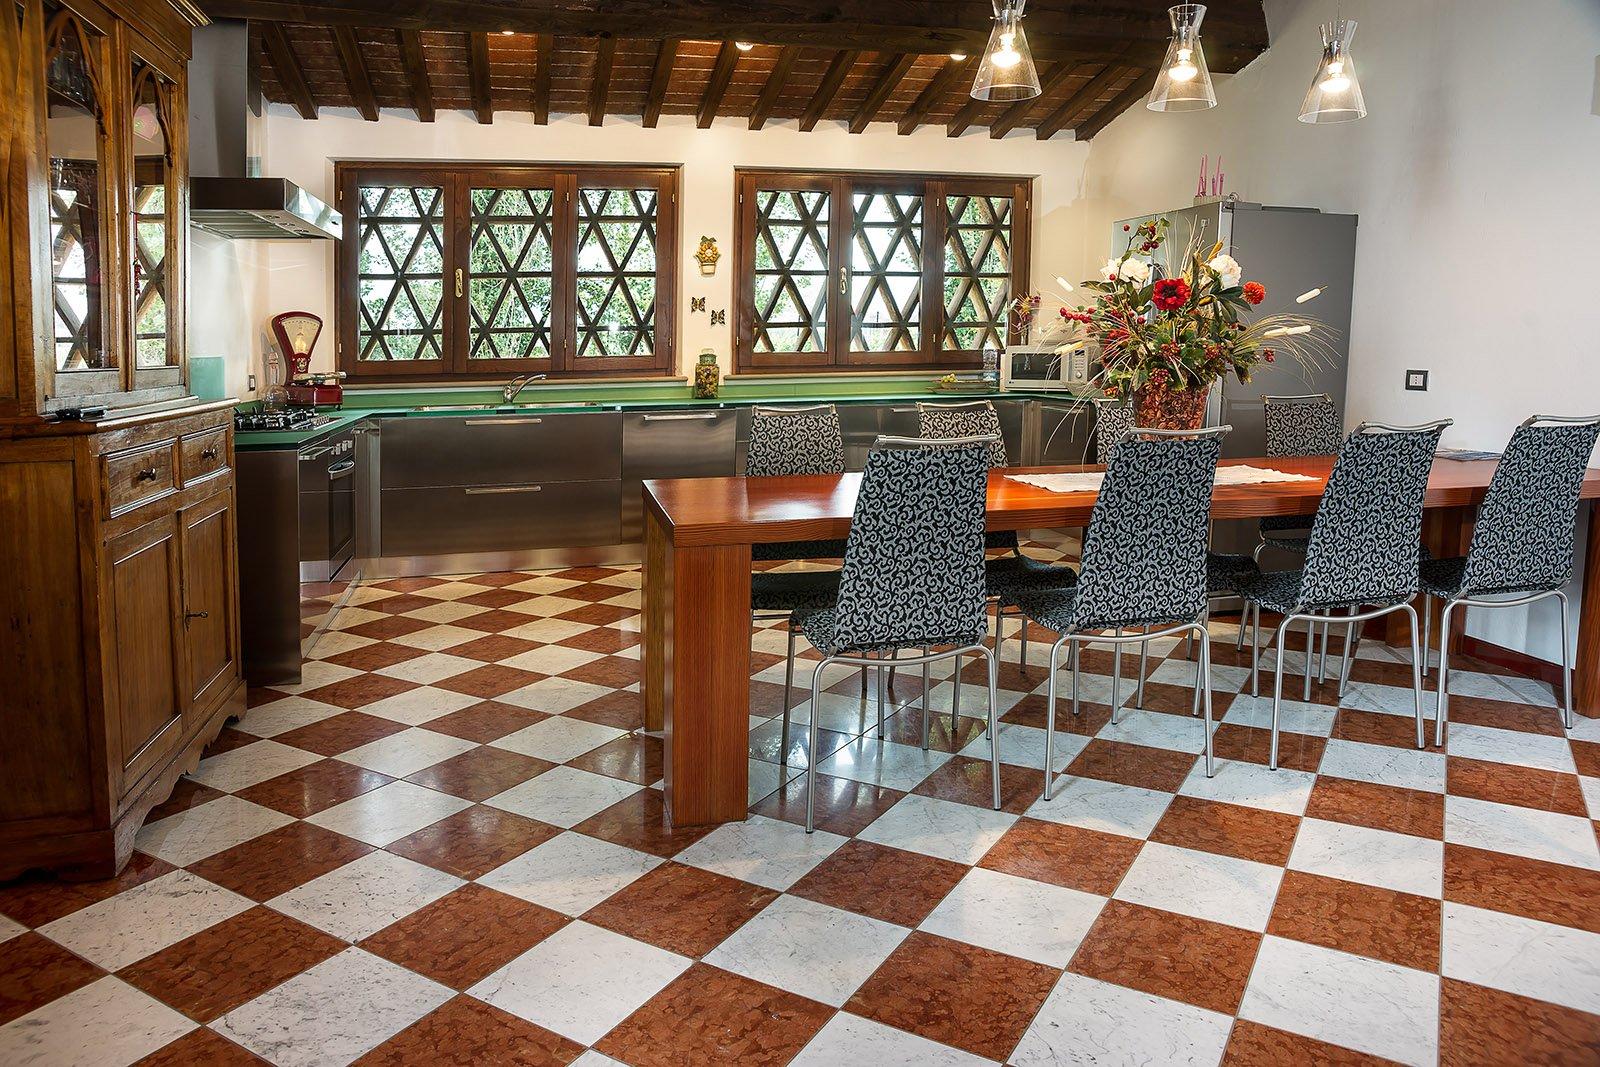 Pavimento Rosso Lucido : Pavimenti in marmo travertino alla veneziana. allinsegna della